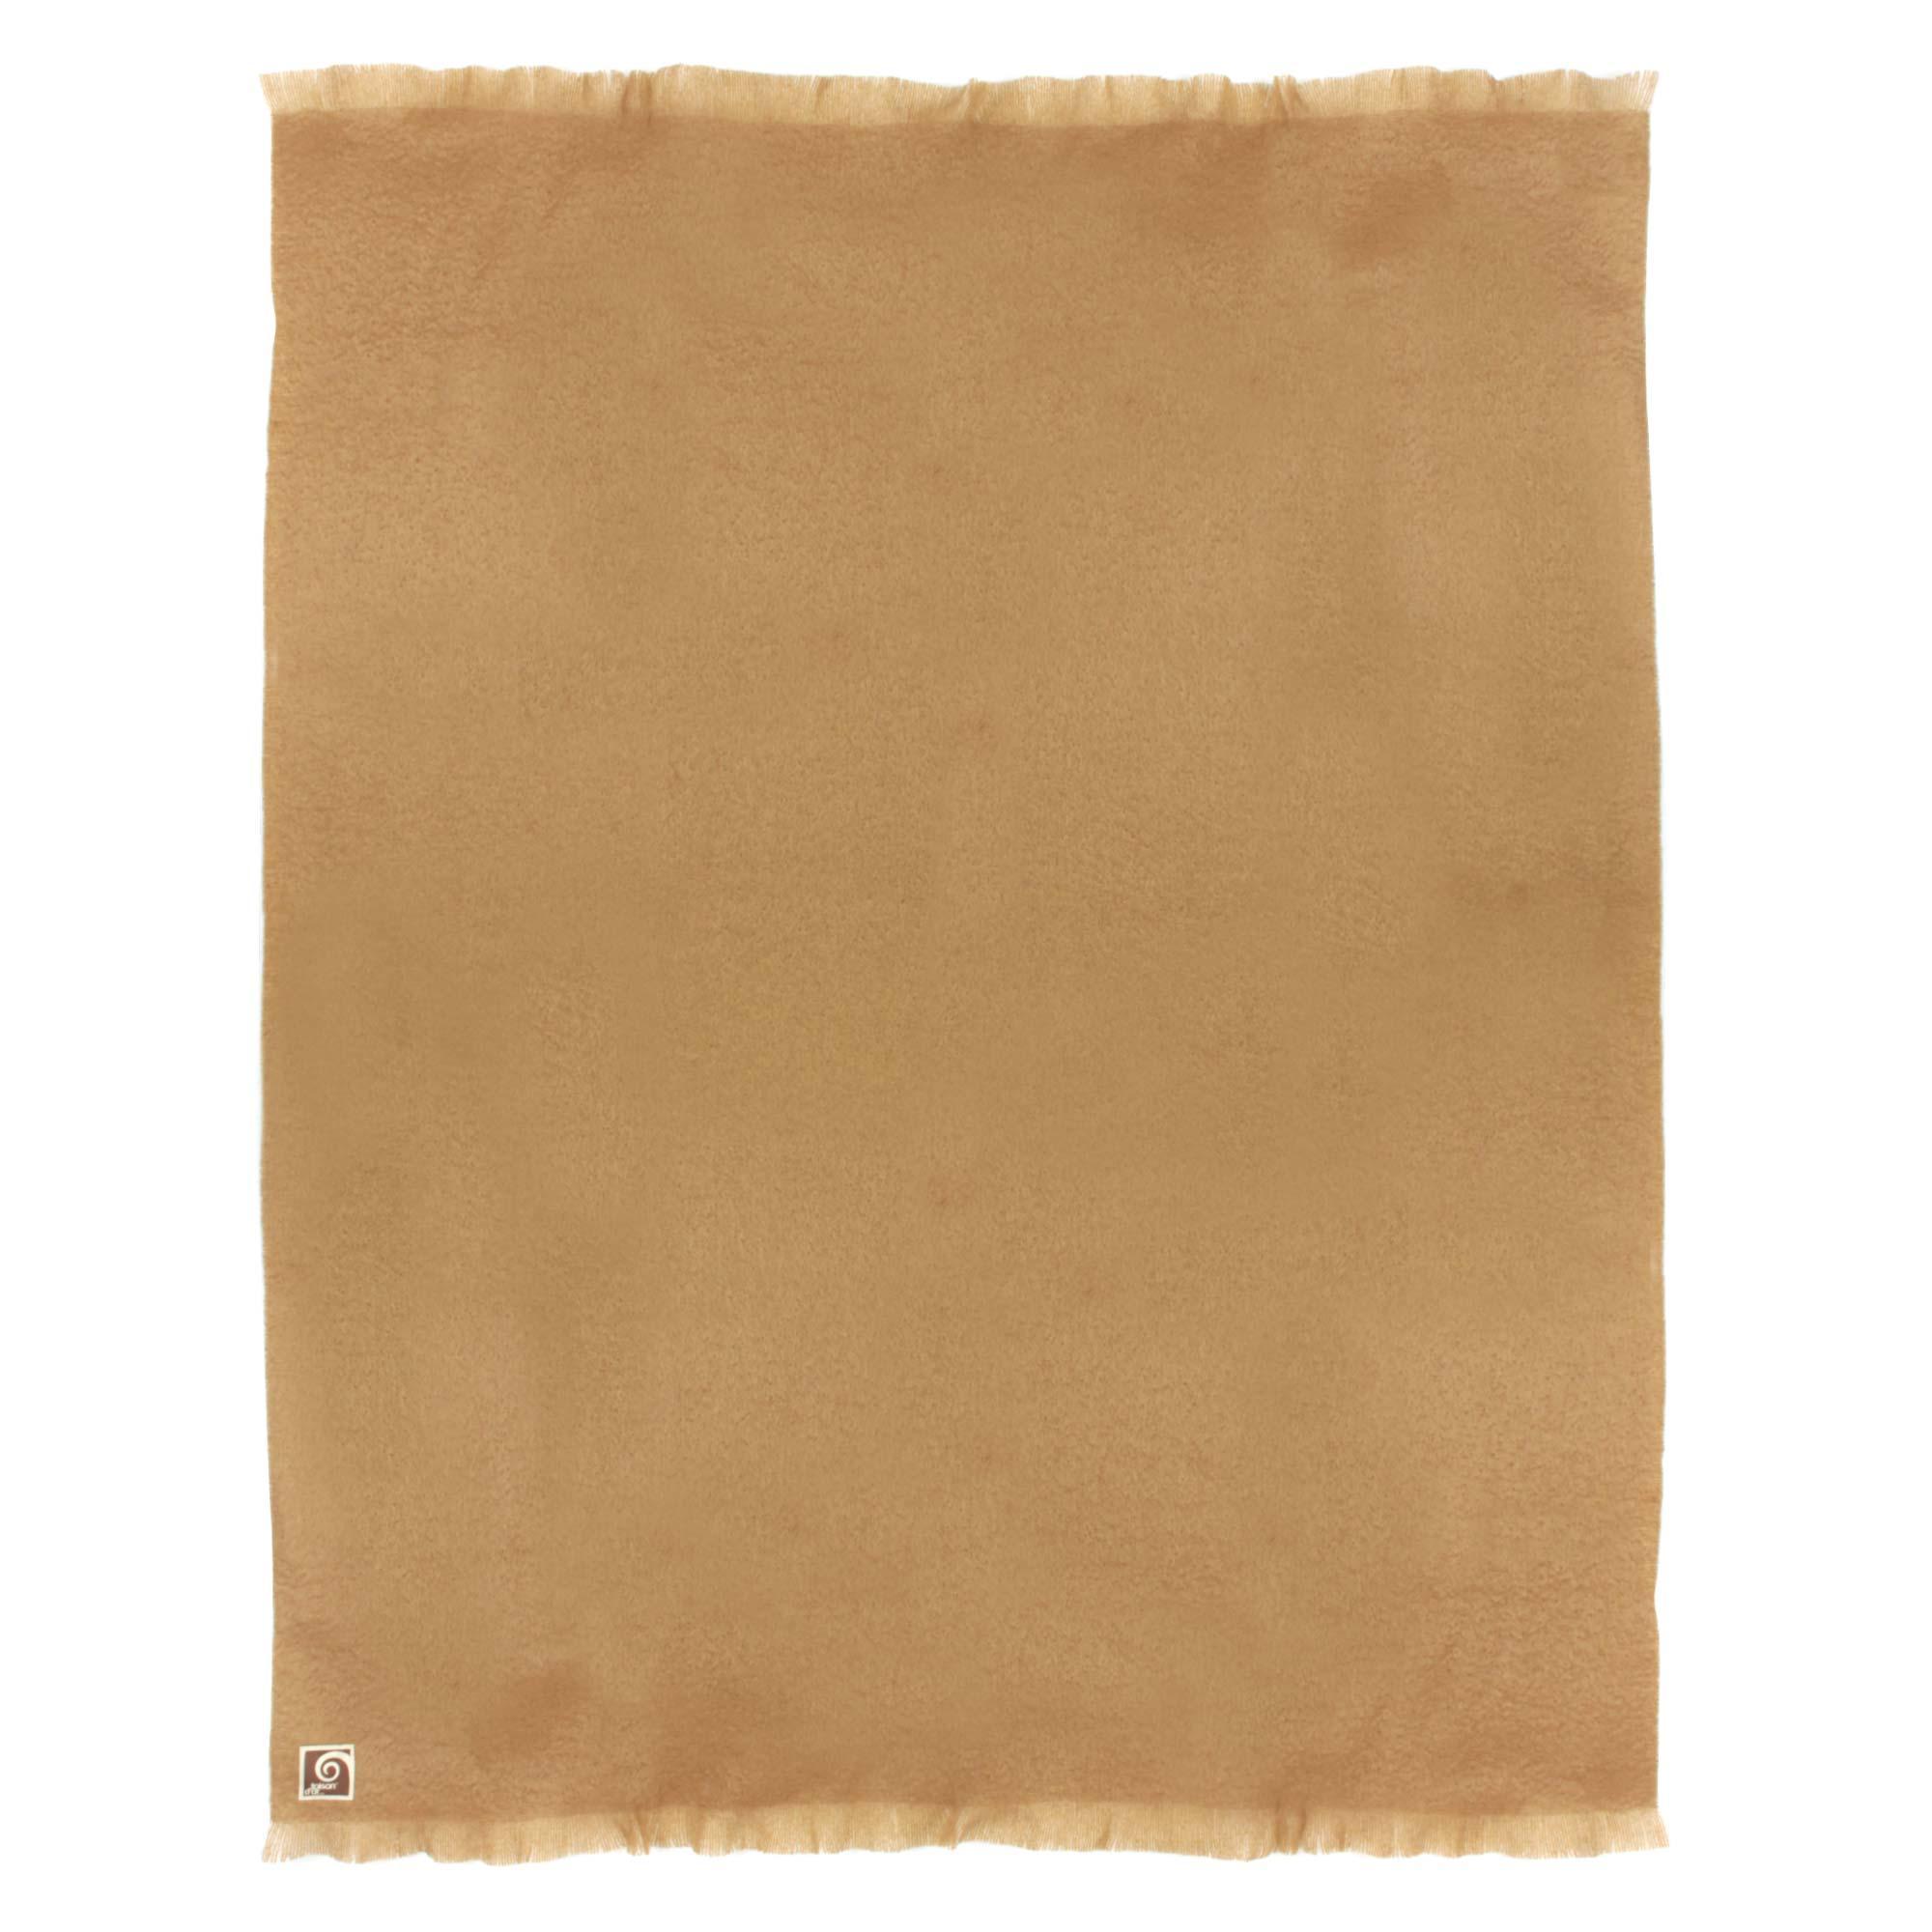 couverture laine mohair 220x240 cm thesee marron chameau linnea linge de maison et. Black Bedroom Furniture Sets. Home Design Ideas